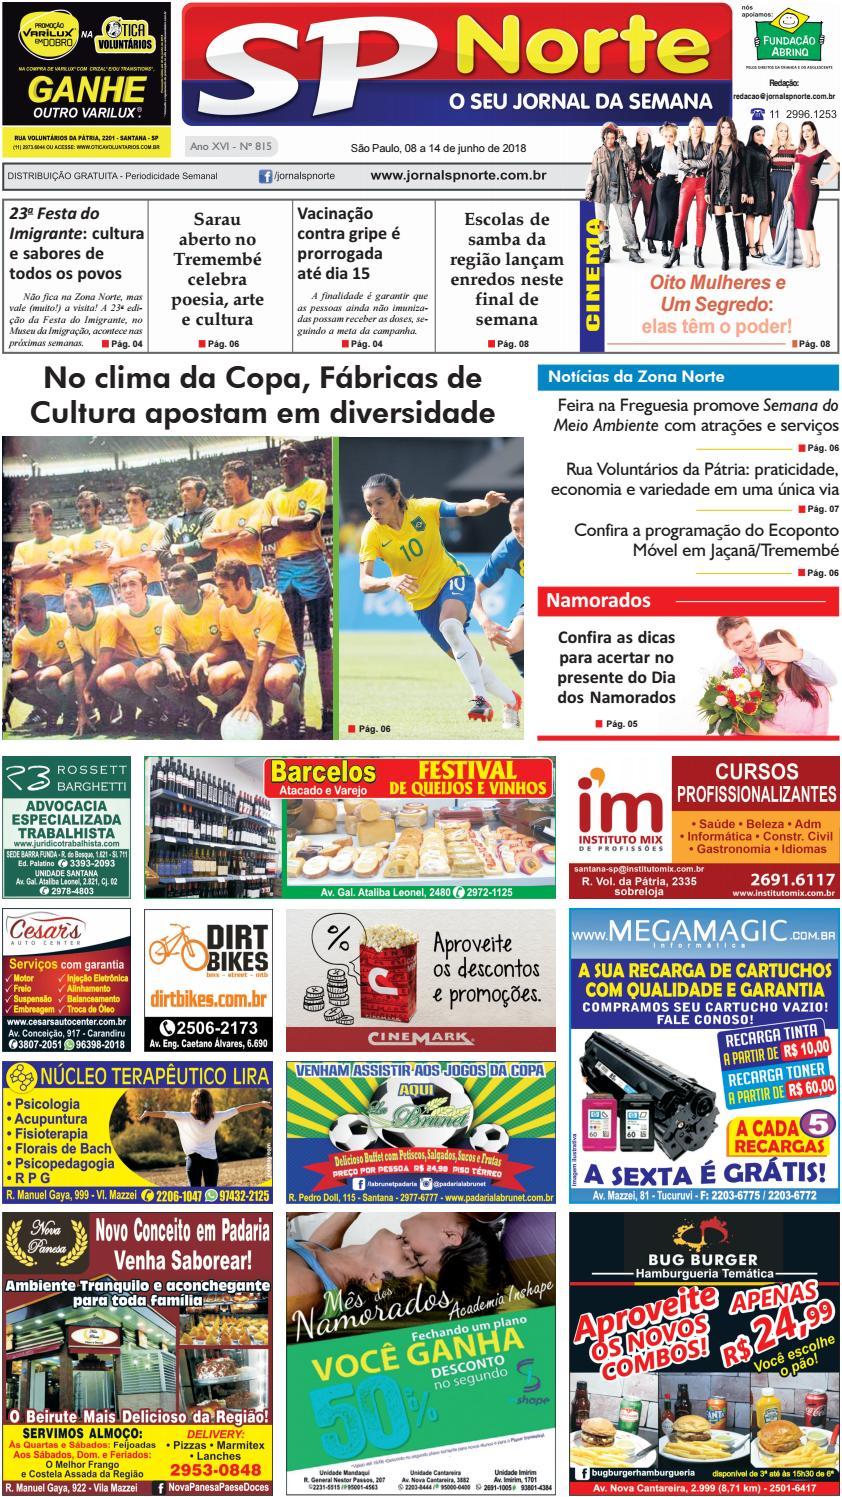 Edição 815 - 8 a 14 de Junho de 2018 by Jornal SP Norte - issuu 918f661352